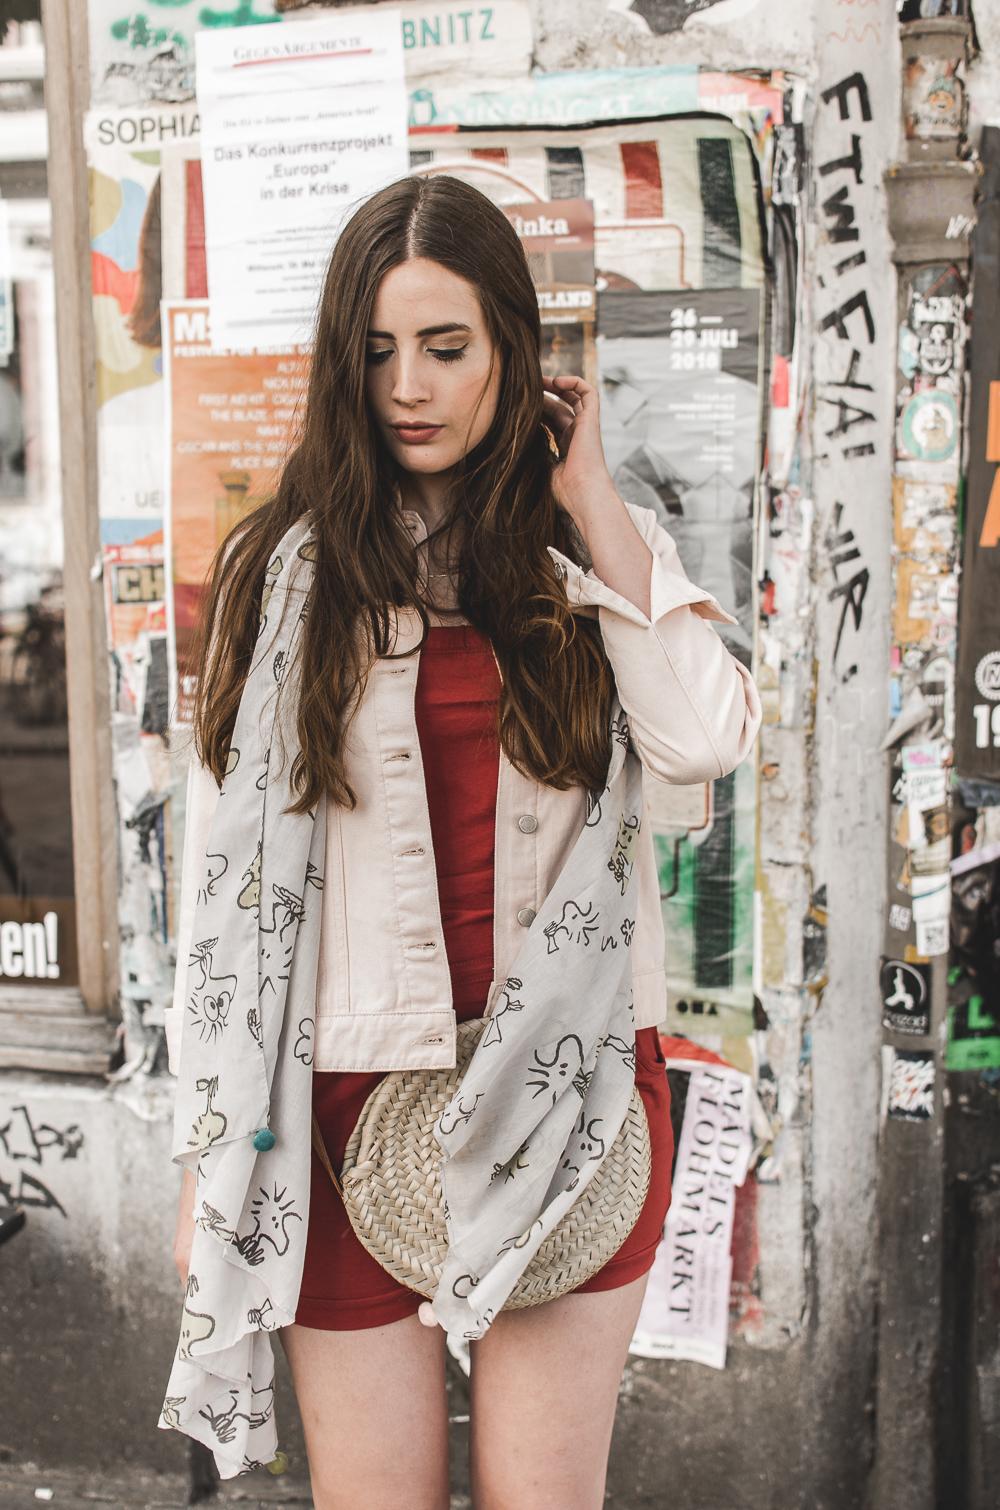 Spaziergang durch das Schanzenviertel in Hamburg-Modeblogger Hamburg-Sommeroutfit Casual-andysparkles